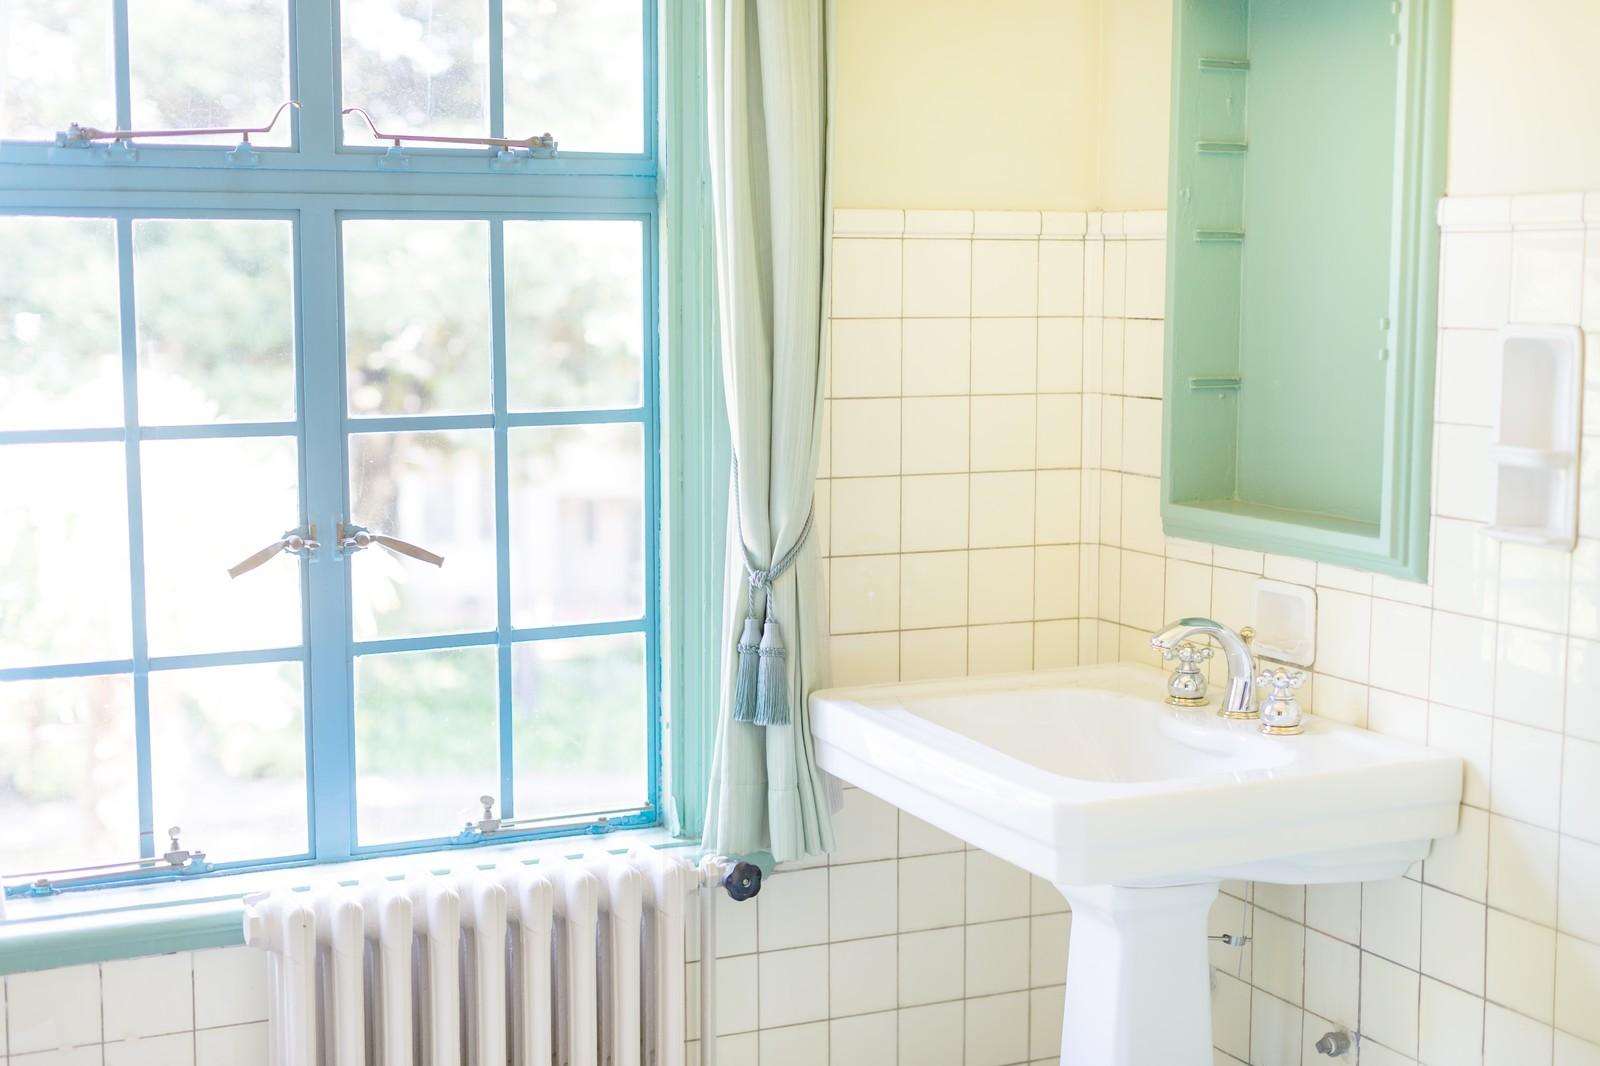 コンタクトレンズを洗面所から流してはダメ!エコ梱包など環境にやさしいショップは?